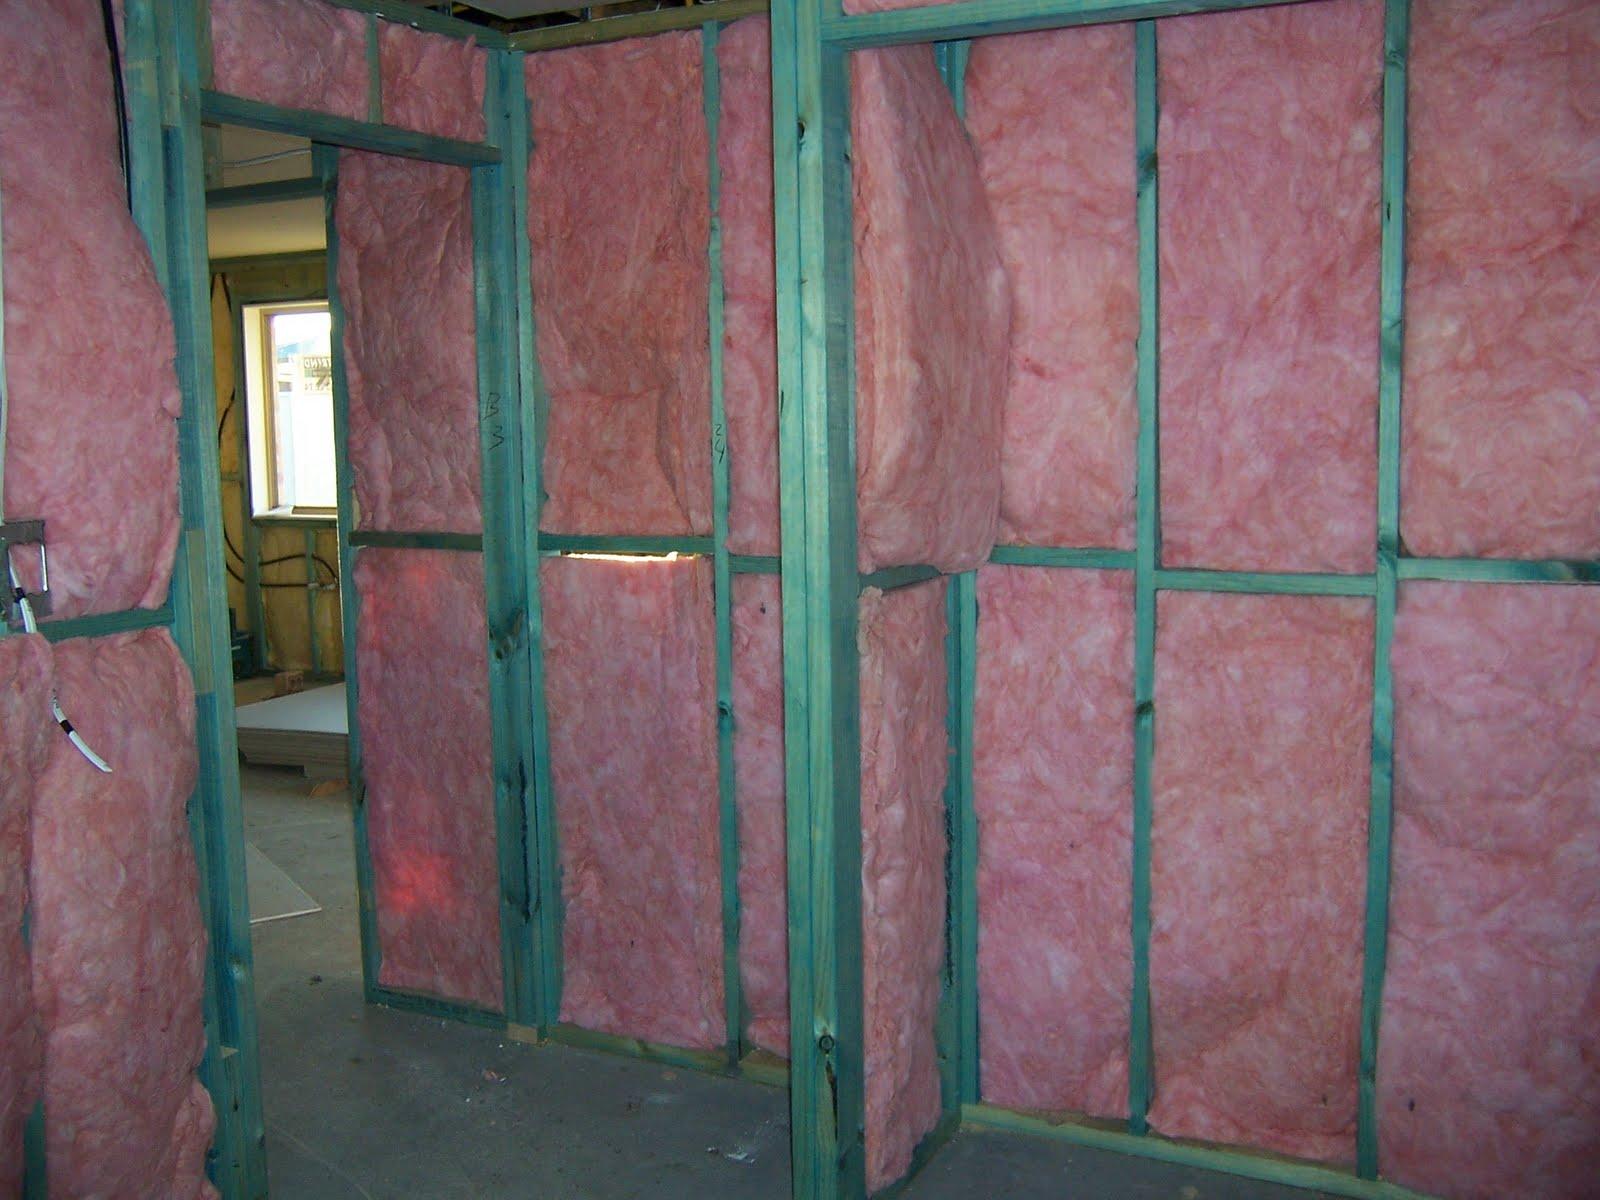 Batt Insulation as soundproofing (interior walls)